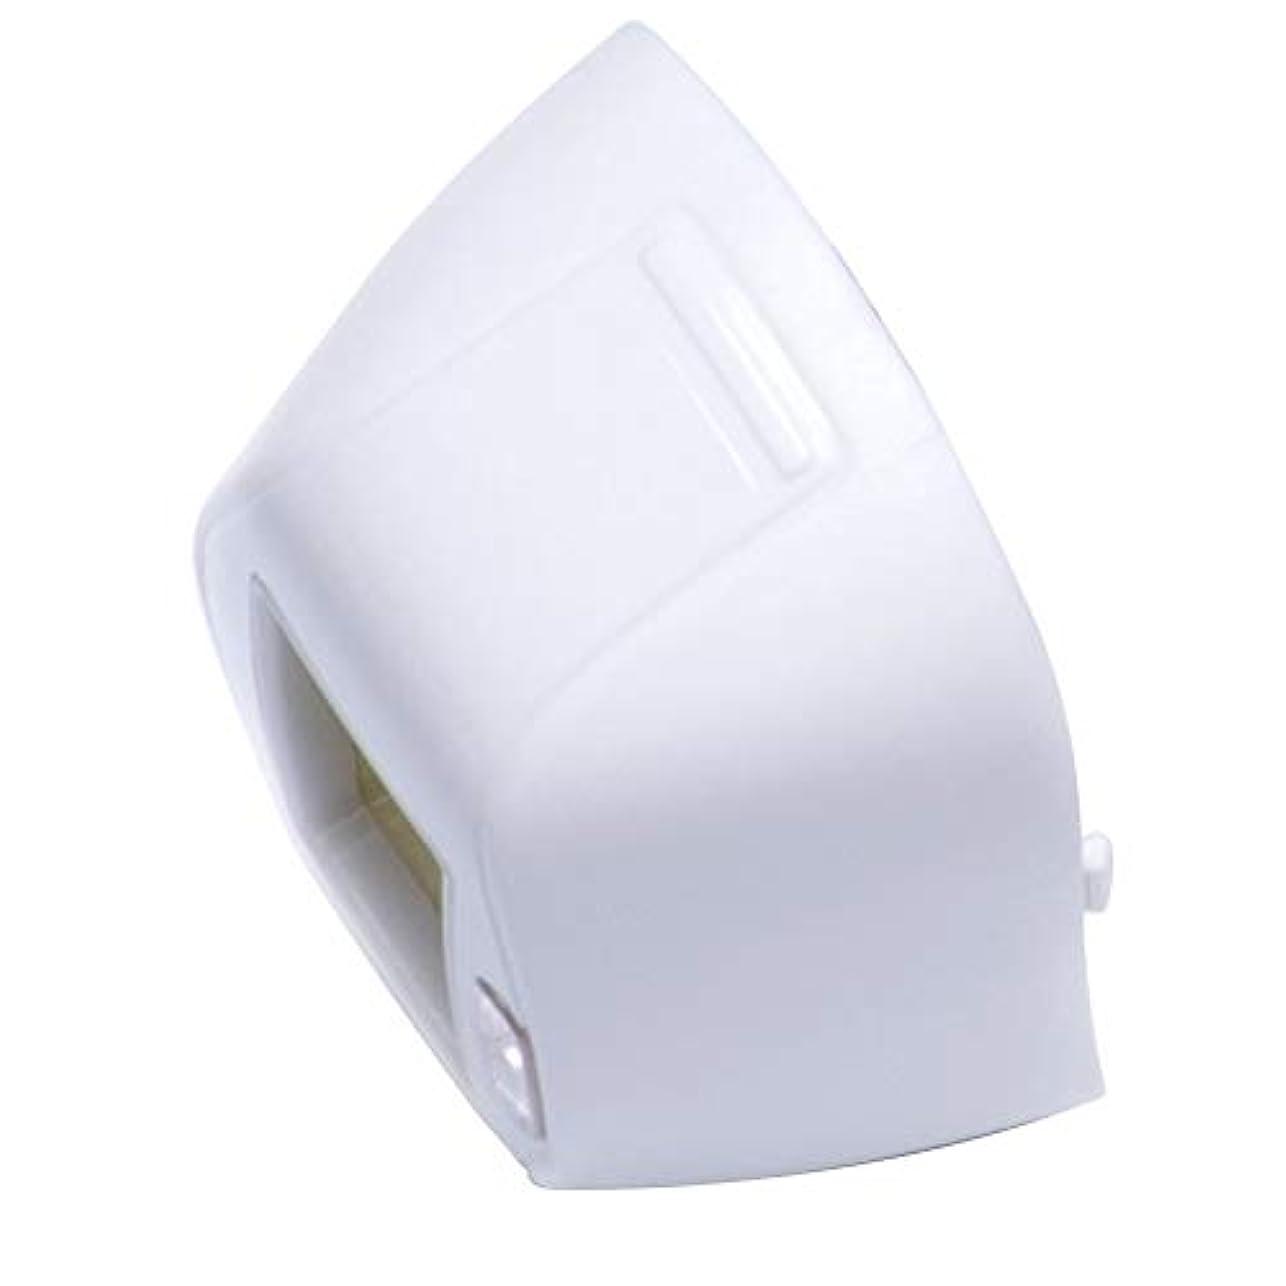 証言するミニチュアトロイの木馬MACOLAUDER IPL光脱毛器の付属品 交換用カートリッジ ホワイト